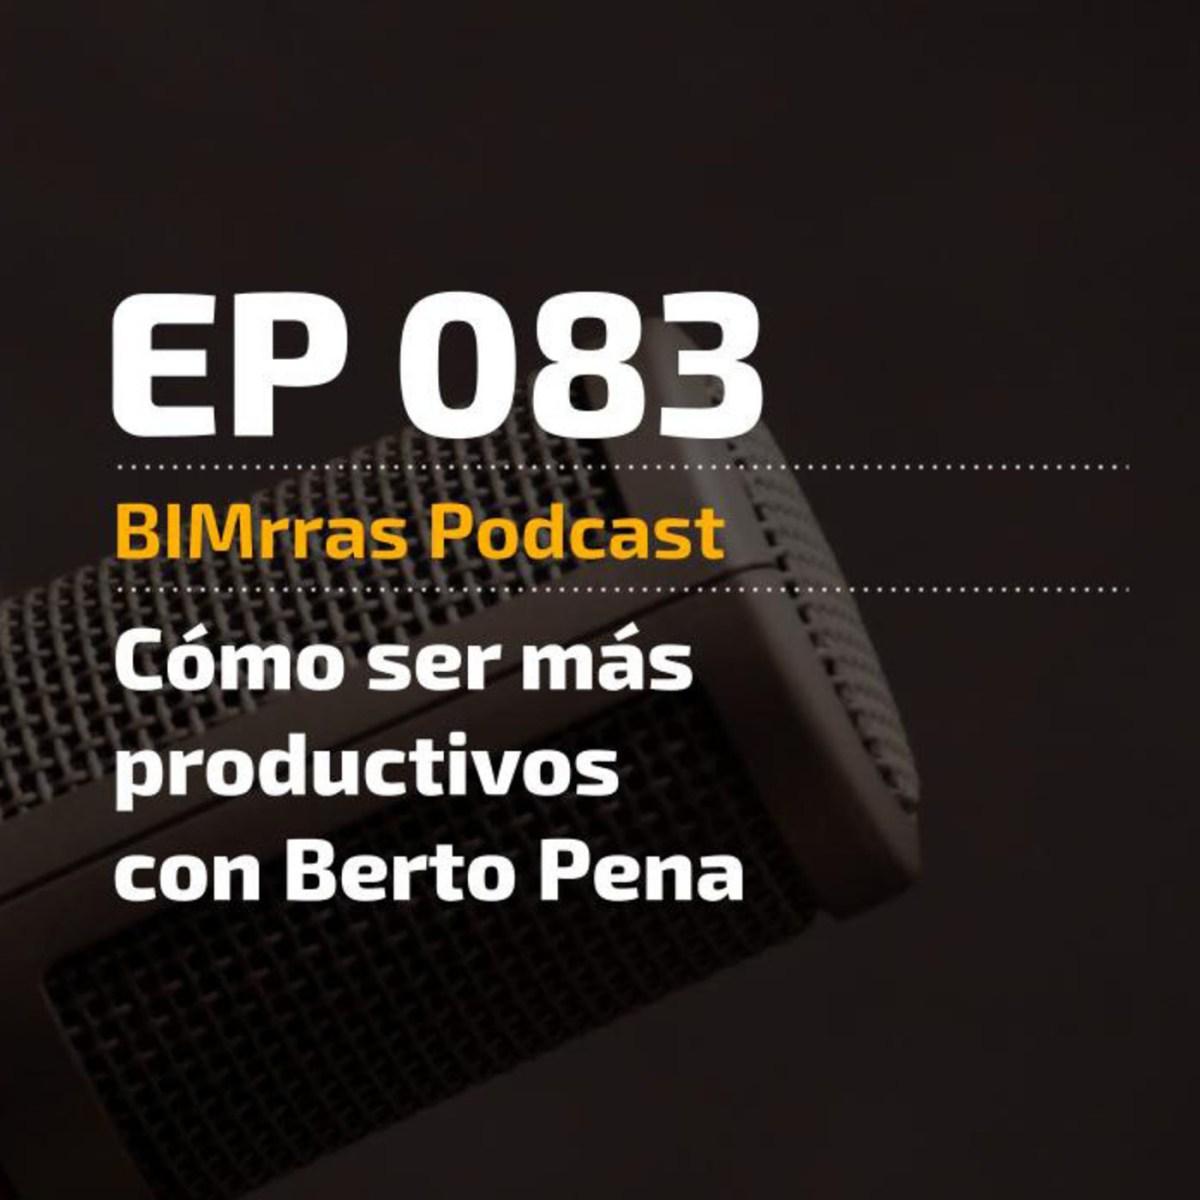 083 Cómo ser más productivos con Berto Pena